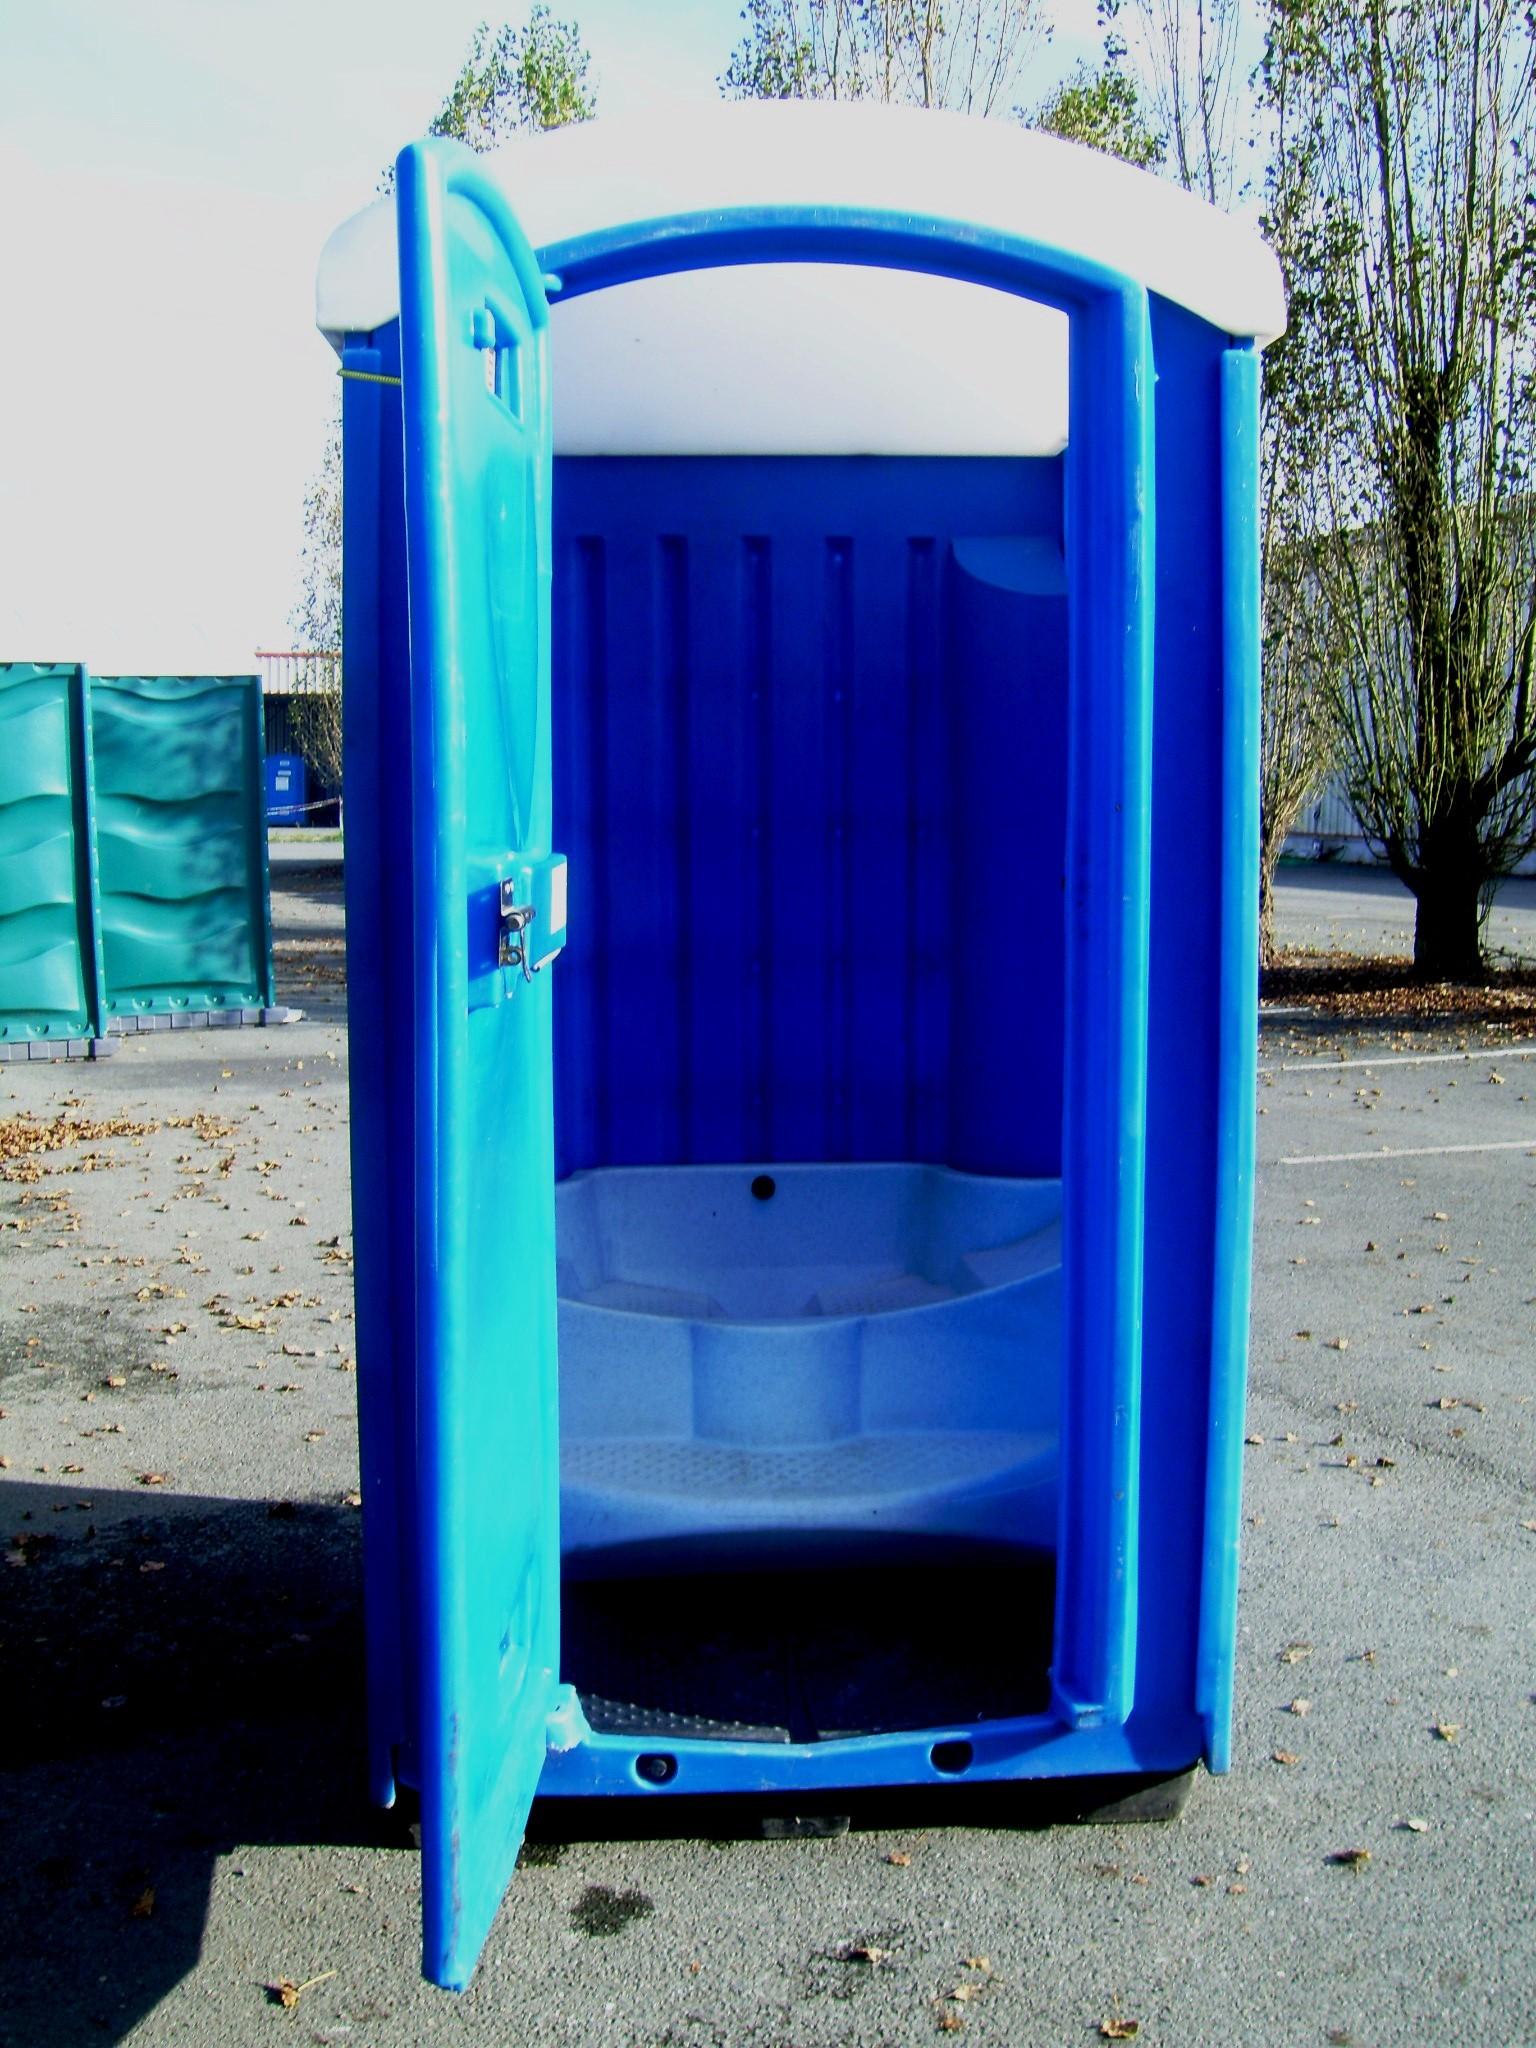 Toilette chimique for Toilette chimique pour maison